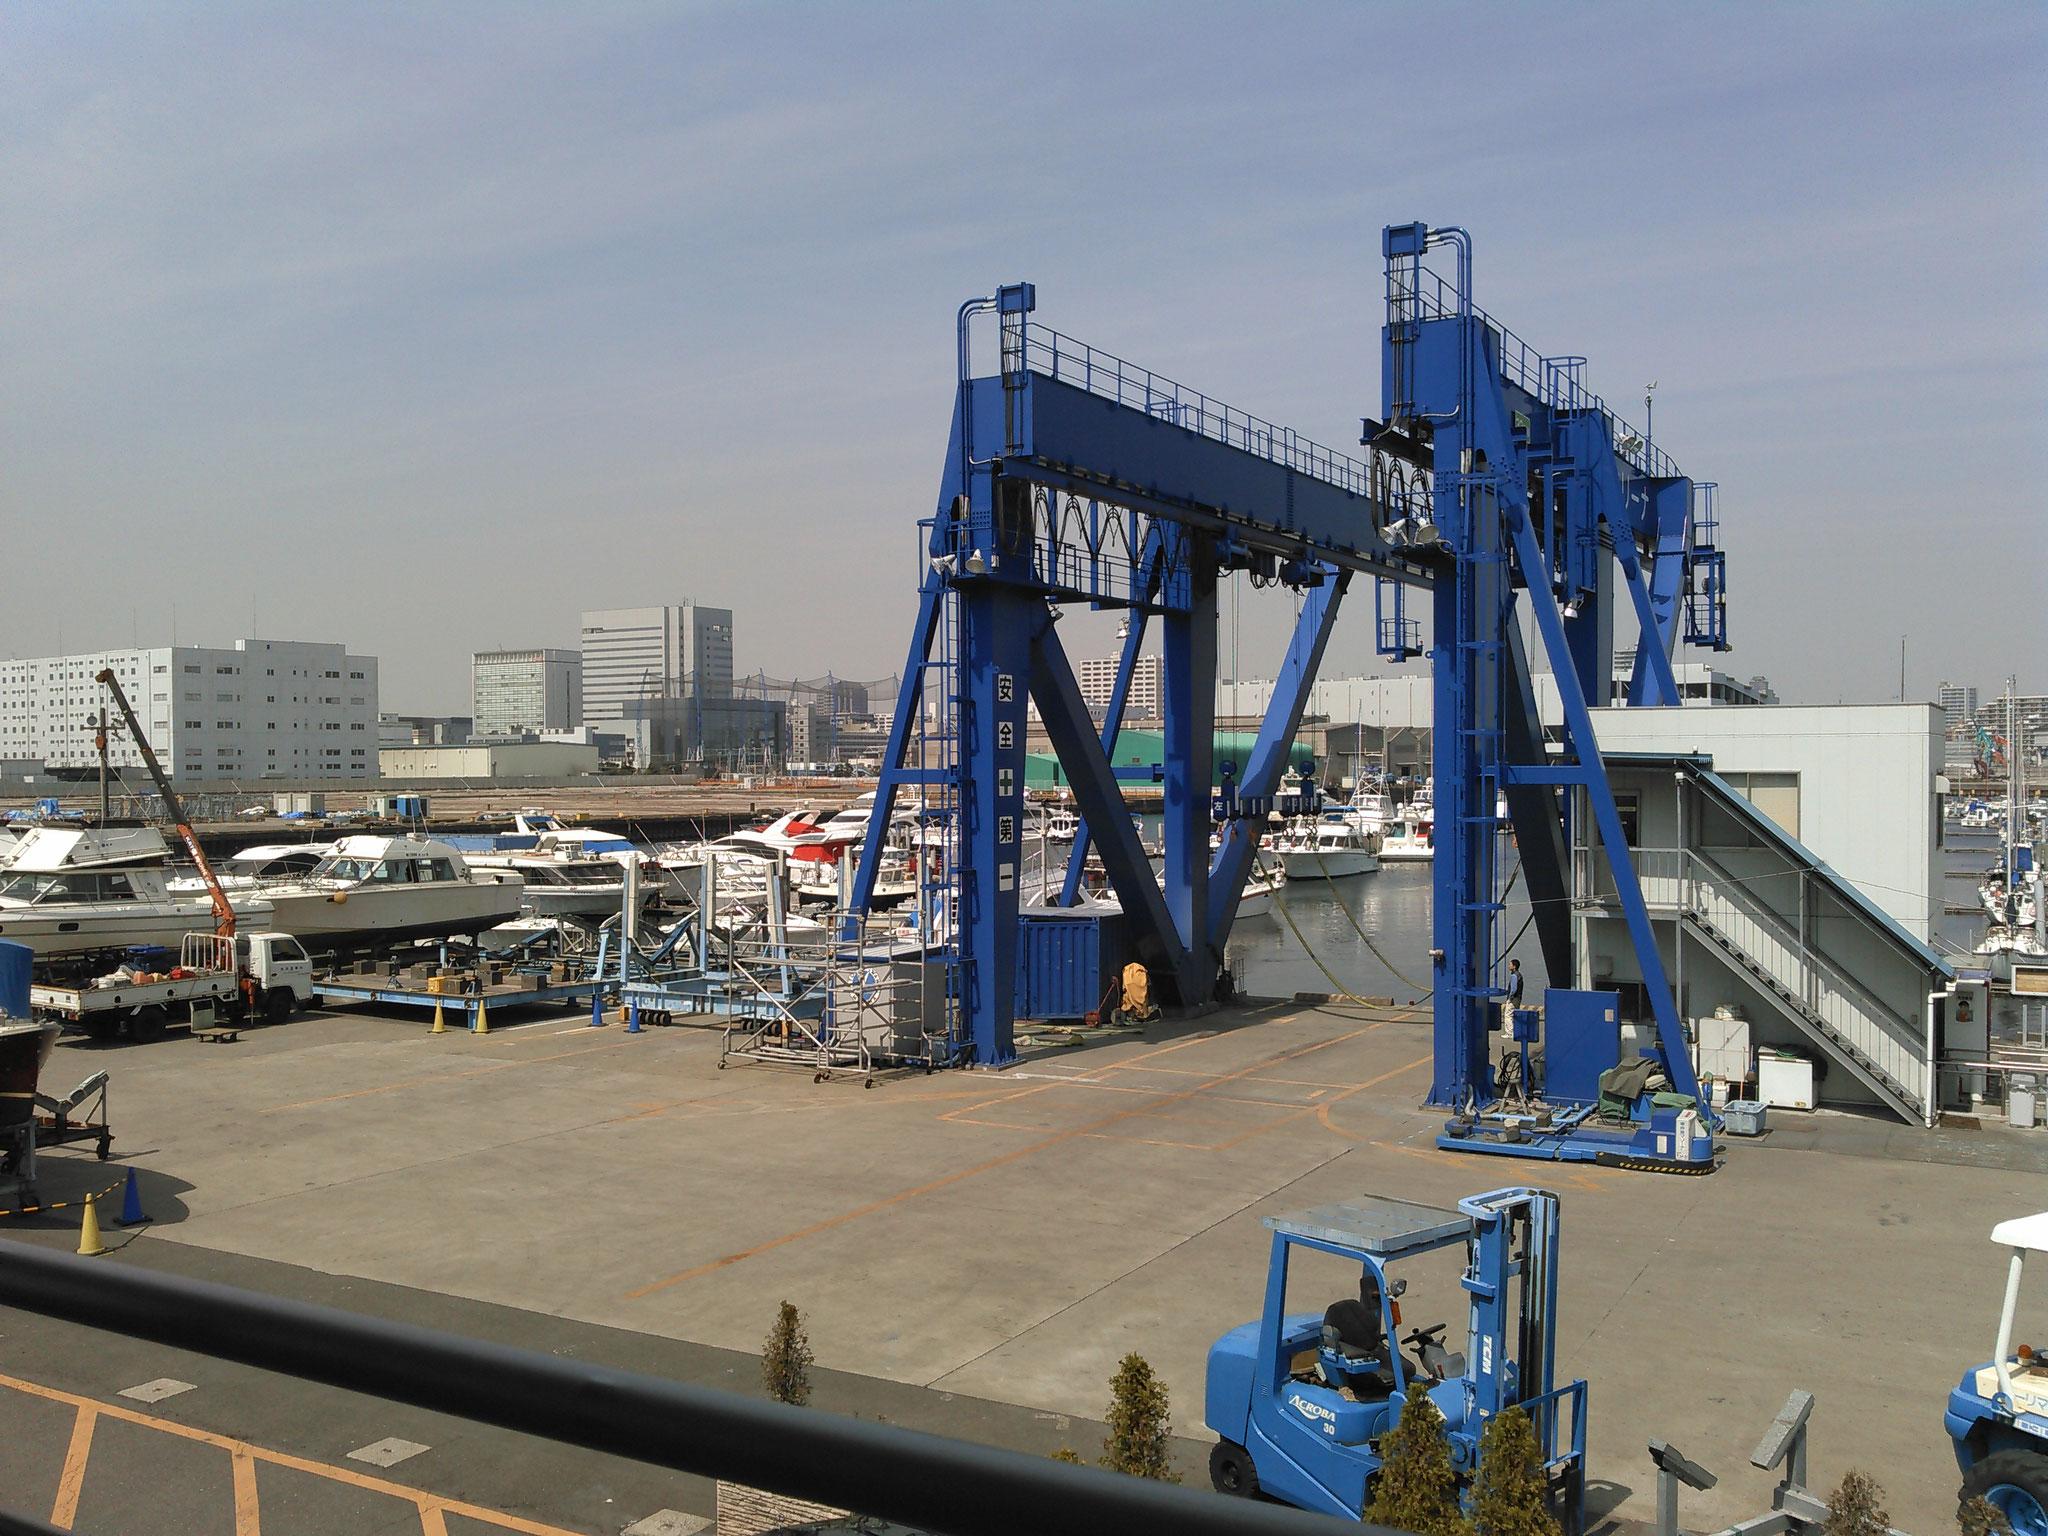 出港は設備の整った東京湾マリーナ!